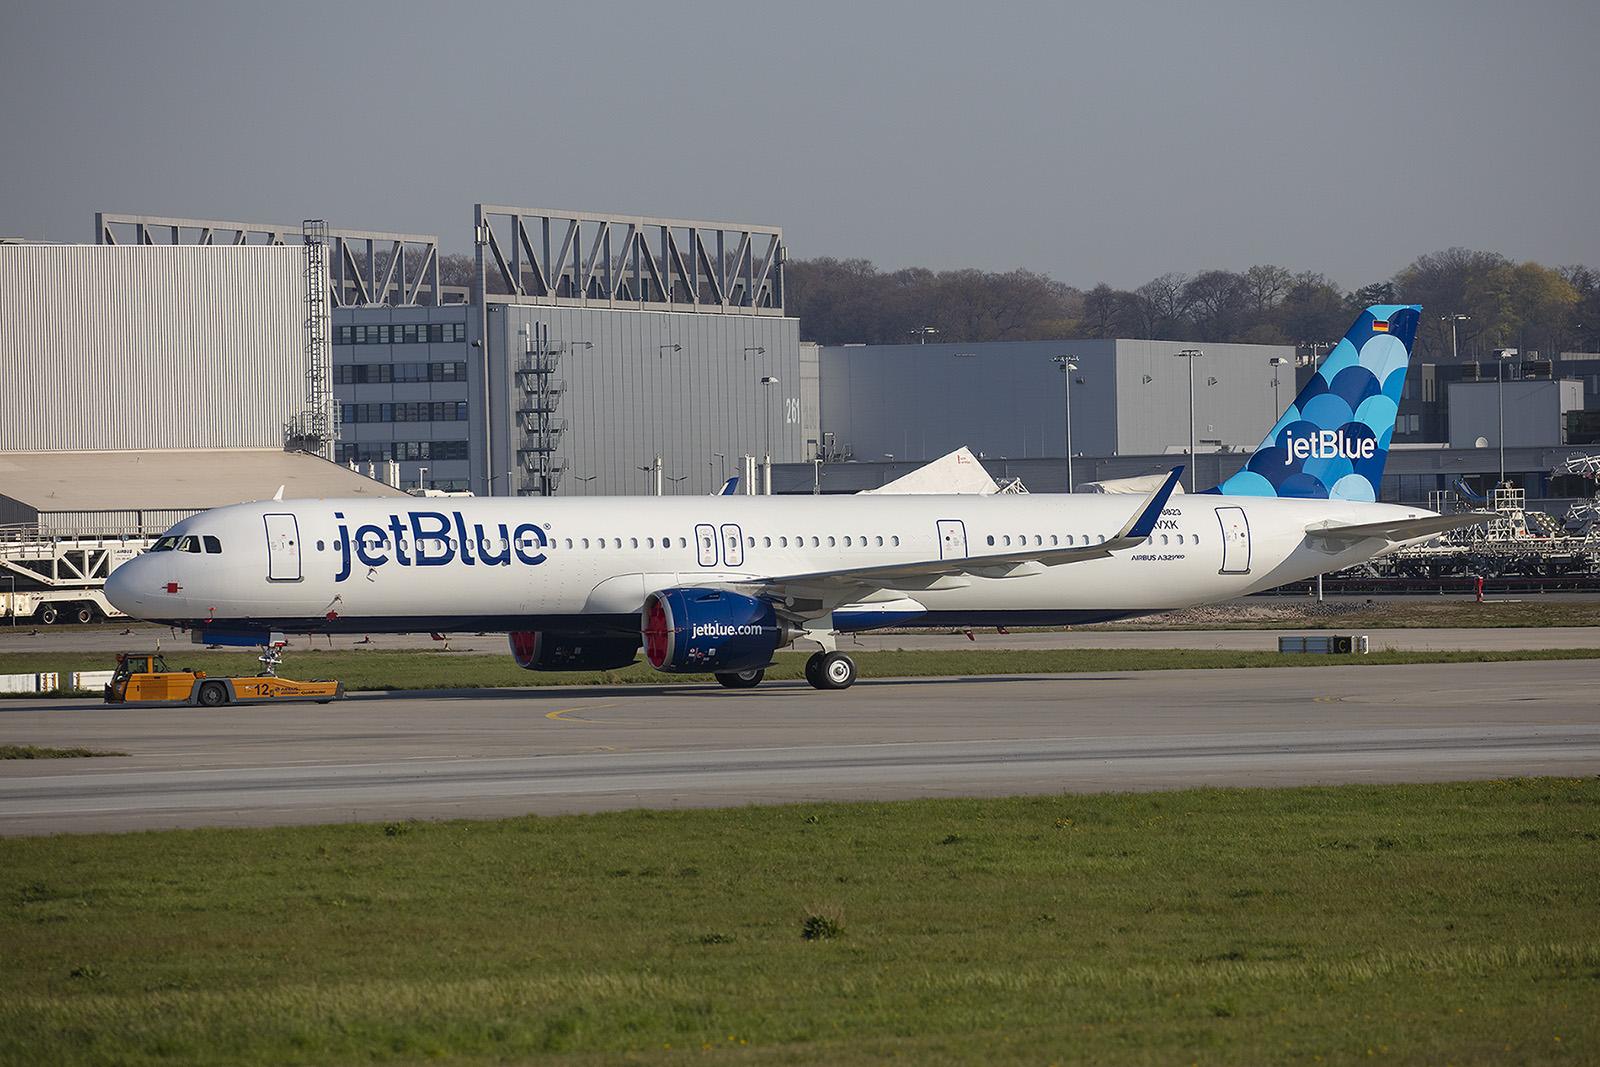 A 321NX für die Jetblue Air aus New York, an der auch die Lufthansa beteiligt ist.